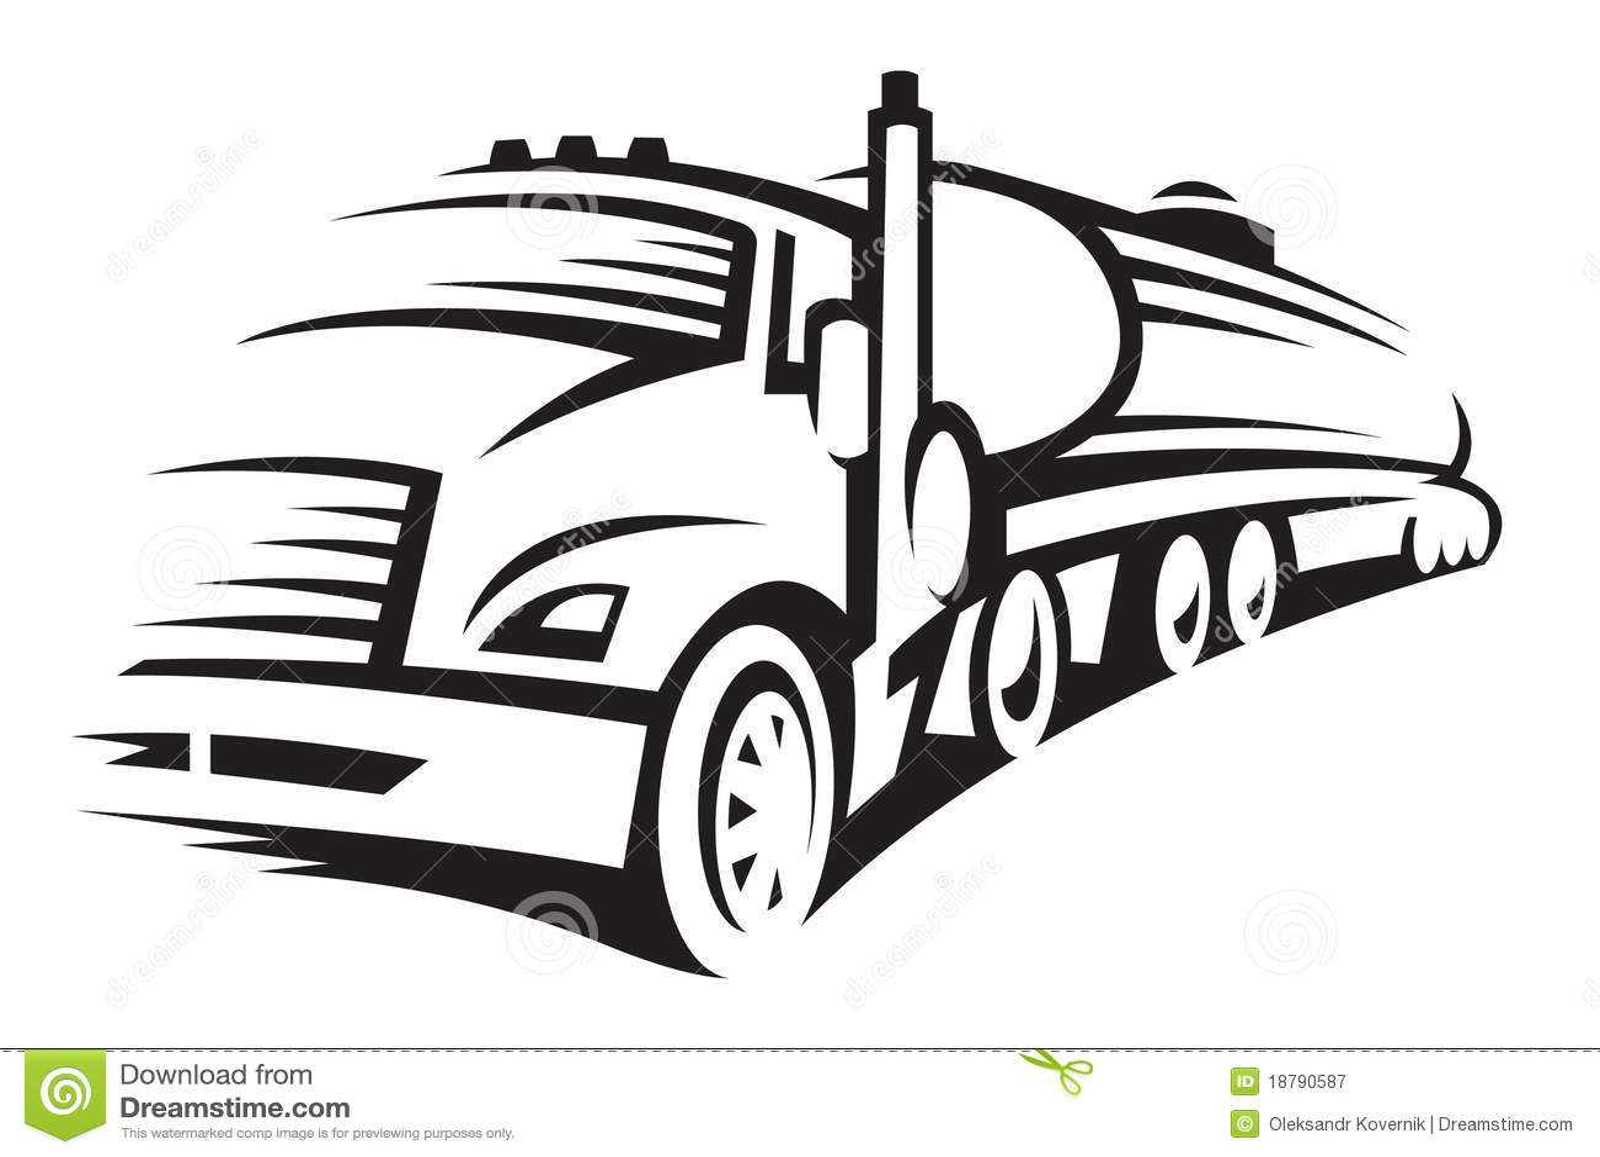 semi truck fuel filters